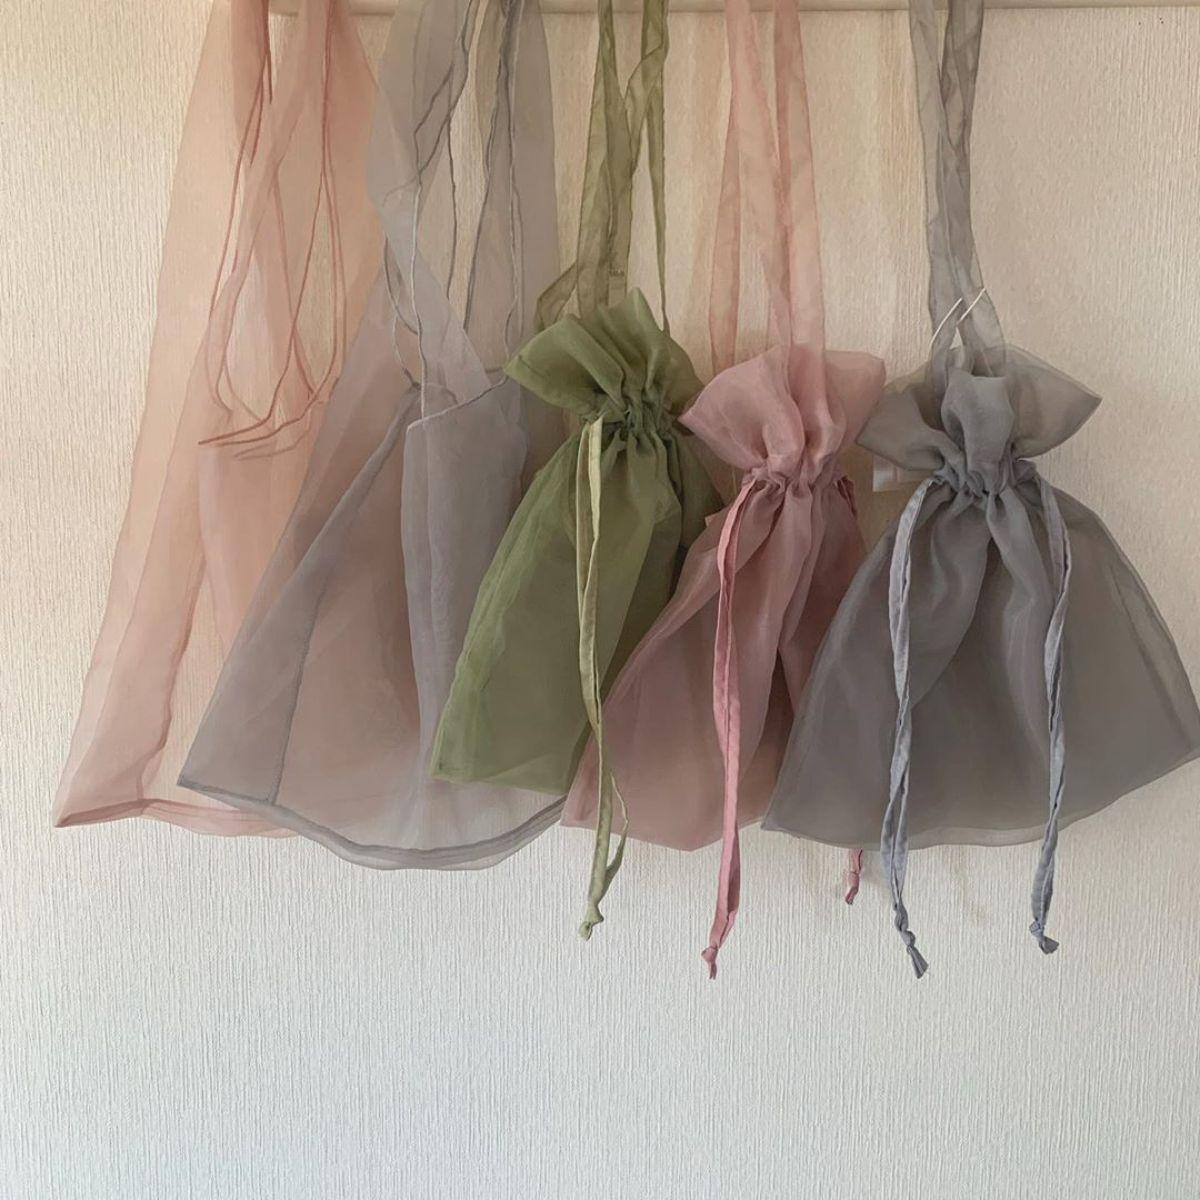 3Coinsの「シフォンバッグ」がかわいすぎる♡ほどよい透け感とくすみカラーでおでかけが楽しくなりそうです♪